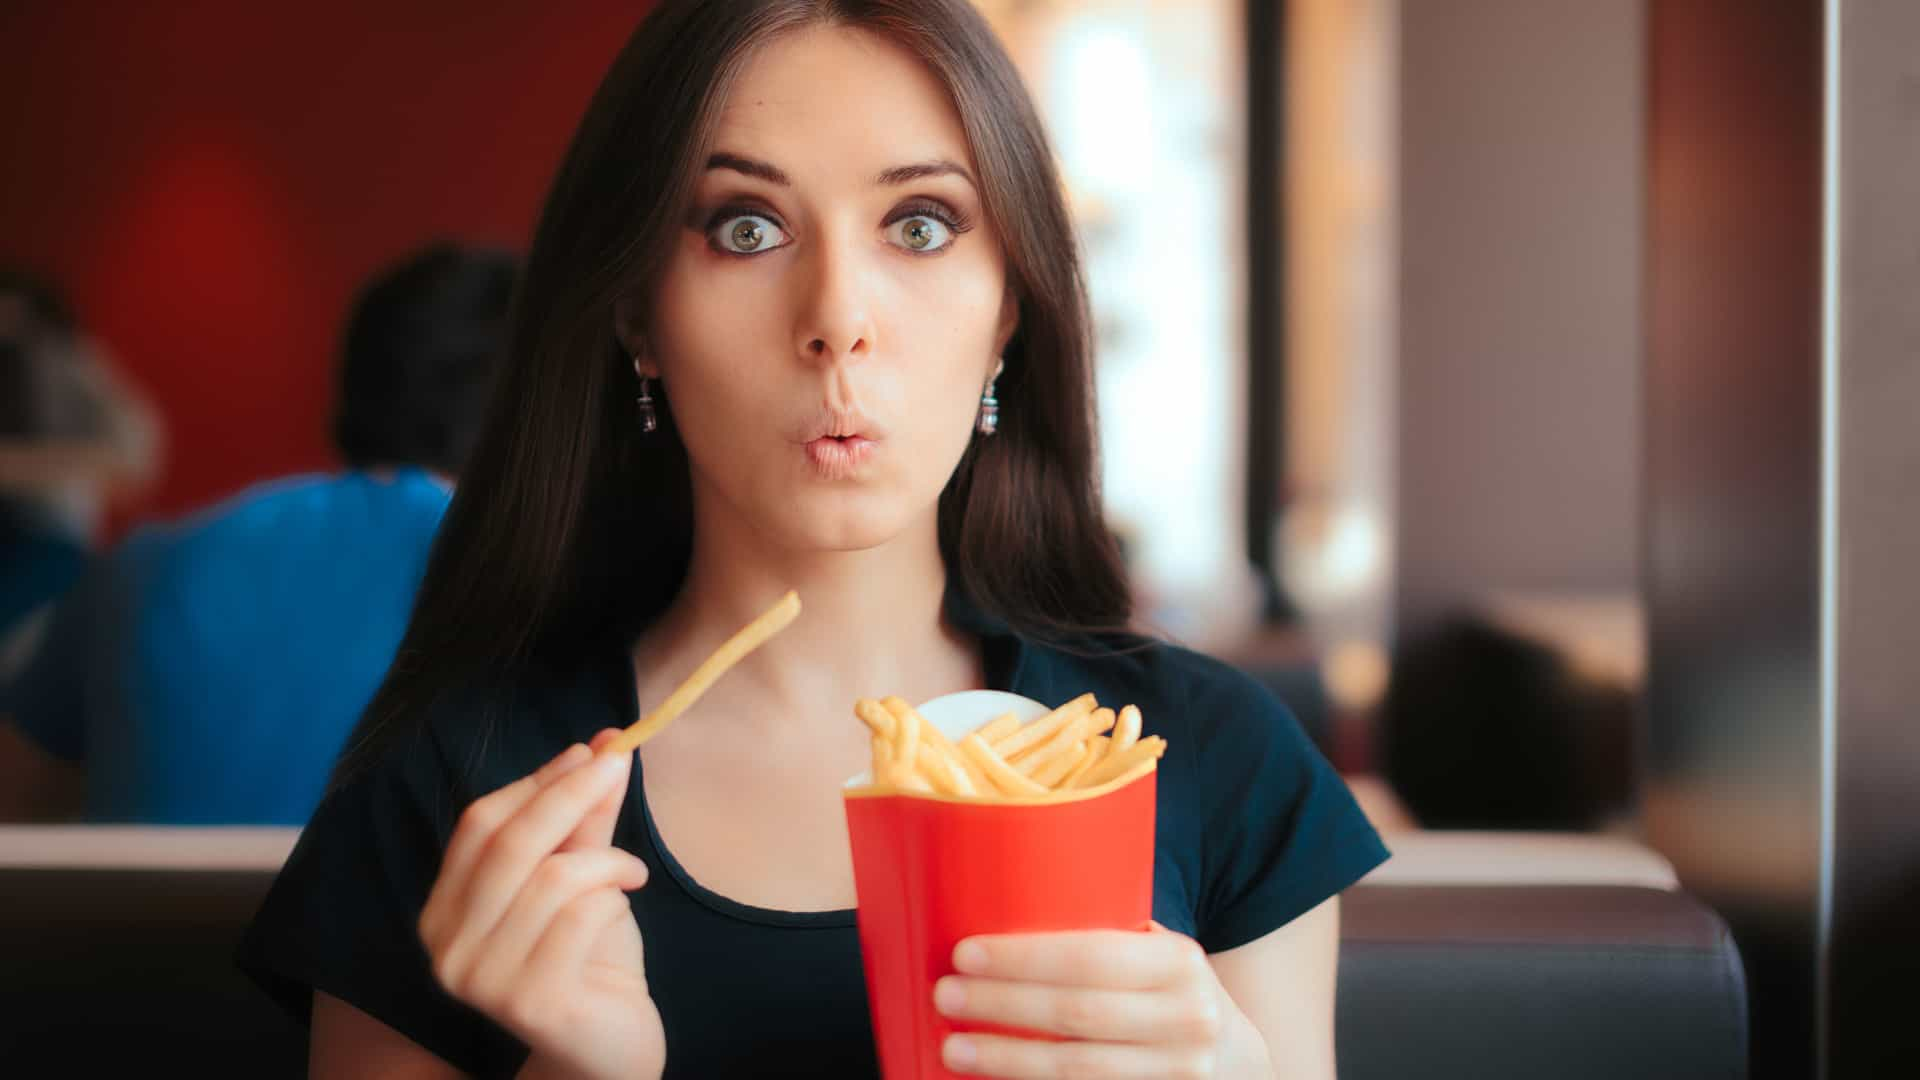 É viciado em batatas fritas? Diga não à tentação... assim